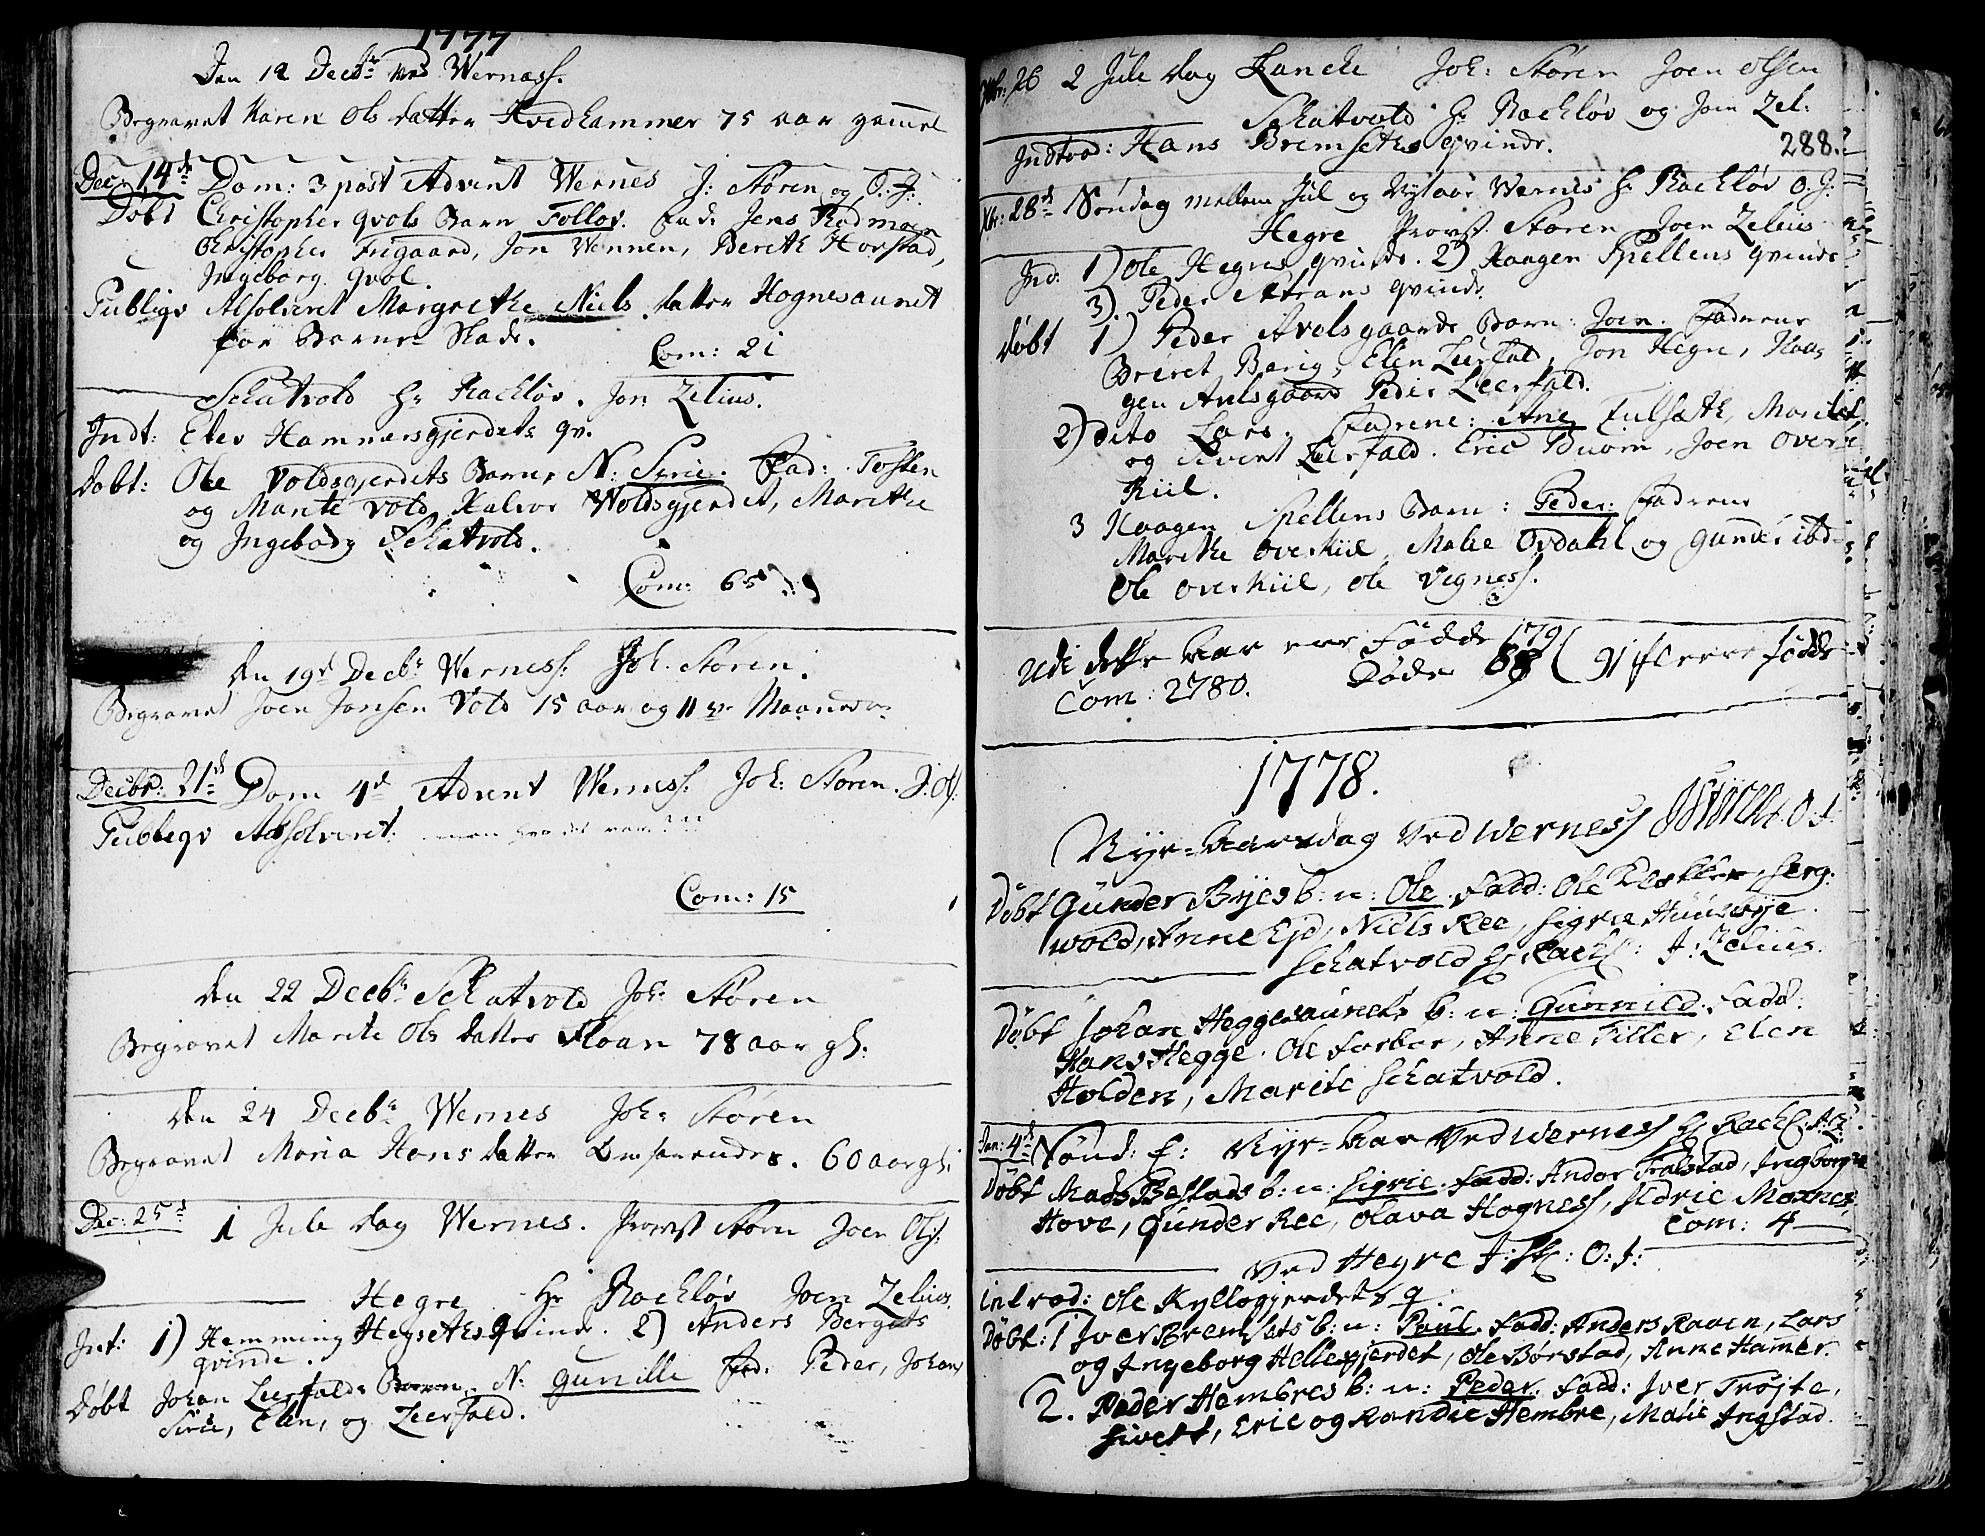 SAT, Ministerialprotokoller, klokkerbøker og fødselsregistre - Nord-Trøndelag, 709/L0057: Ministerialbok nr. 709A05, 1755-1780, s. 288